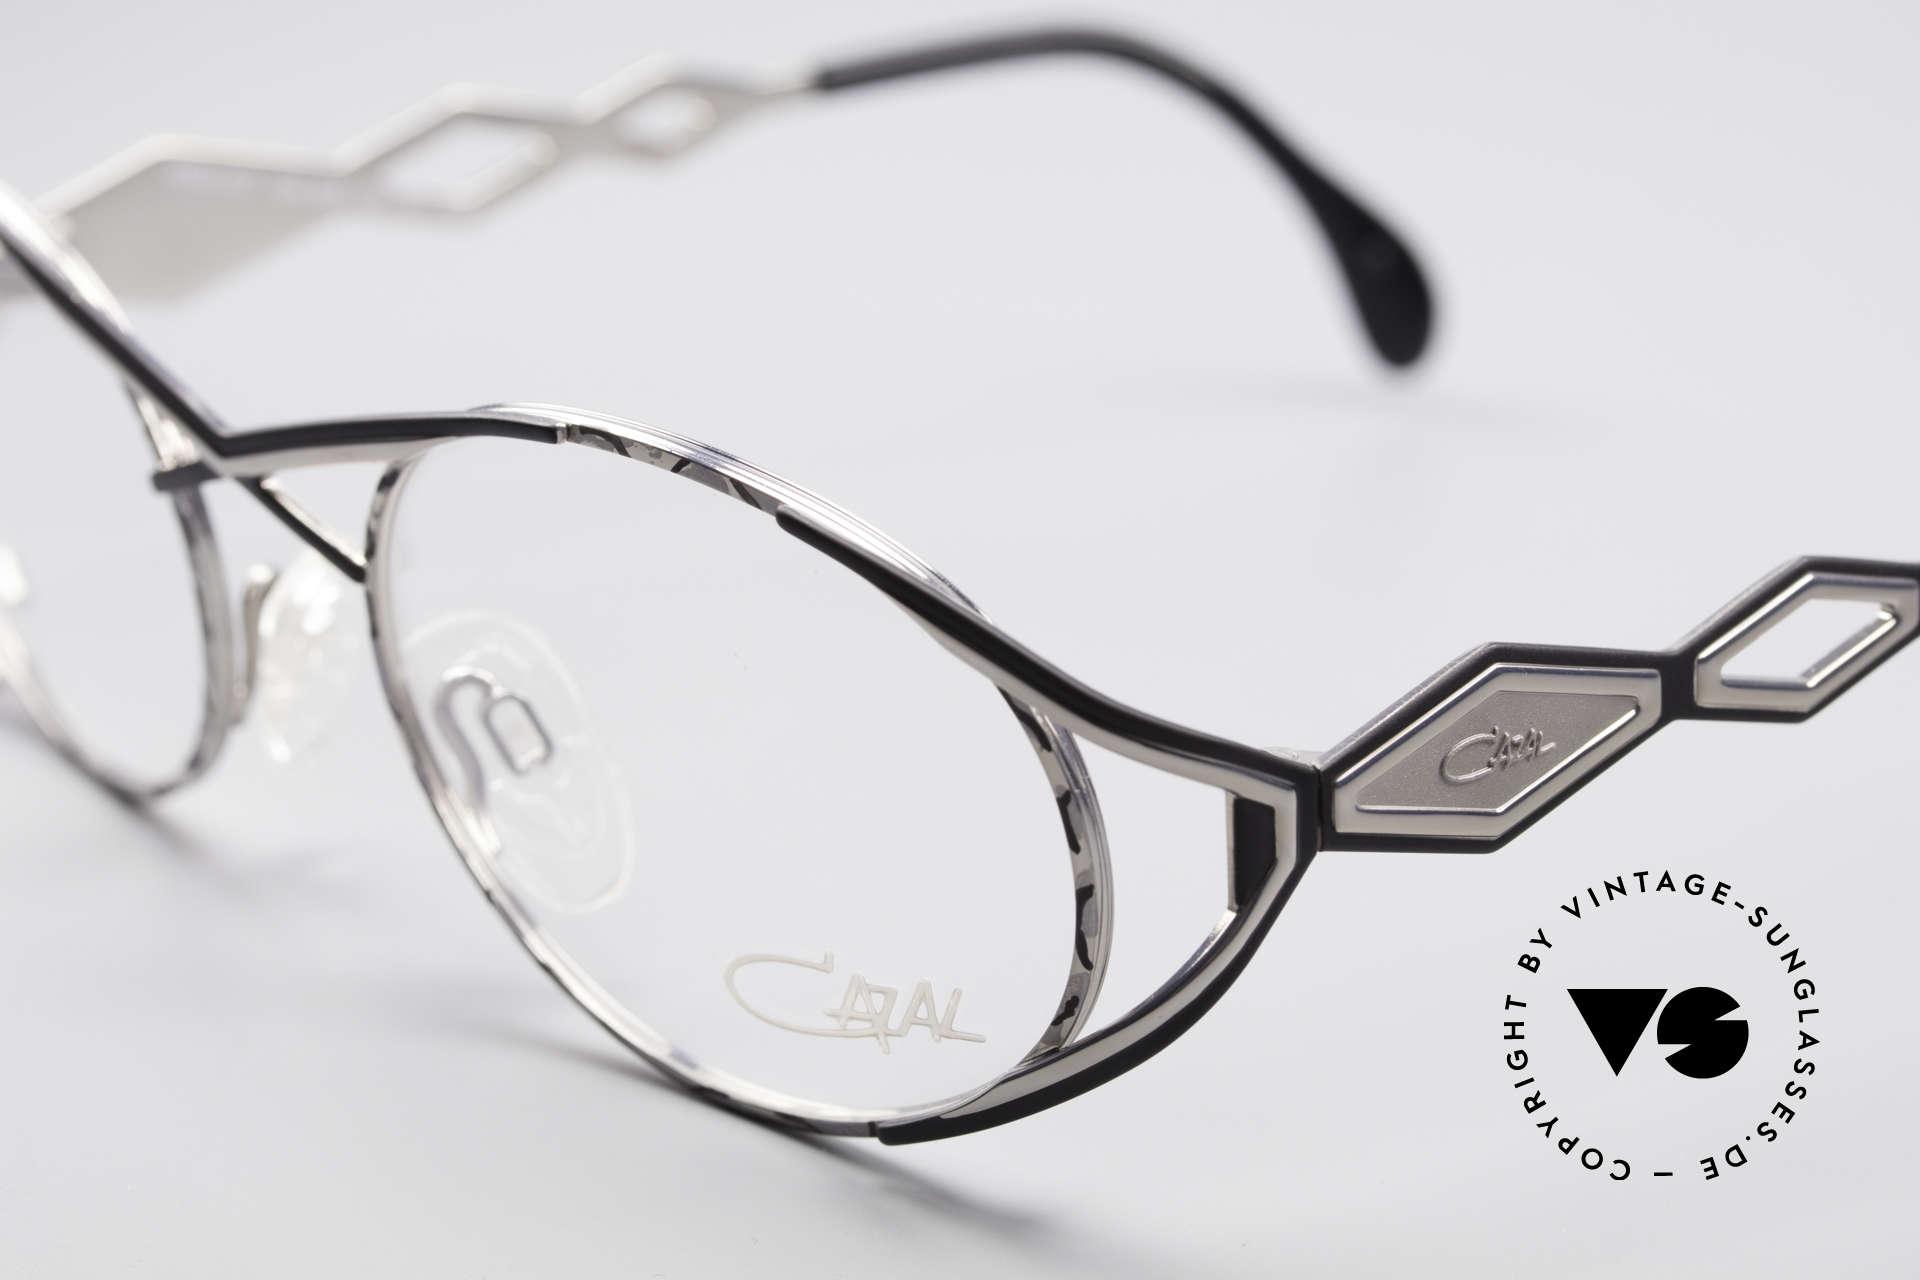 Cazal 977 Vintage Designer Brille Damen, Spitzen-Qualität und ein Glanz wie frisch vom Werk, Passend für Damen